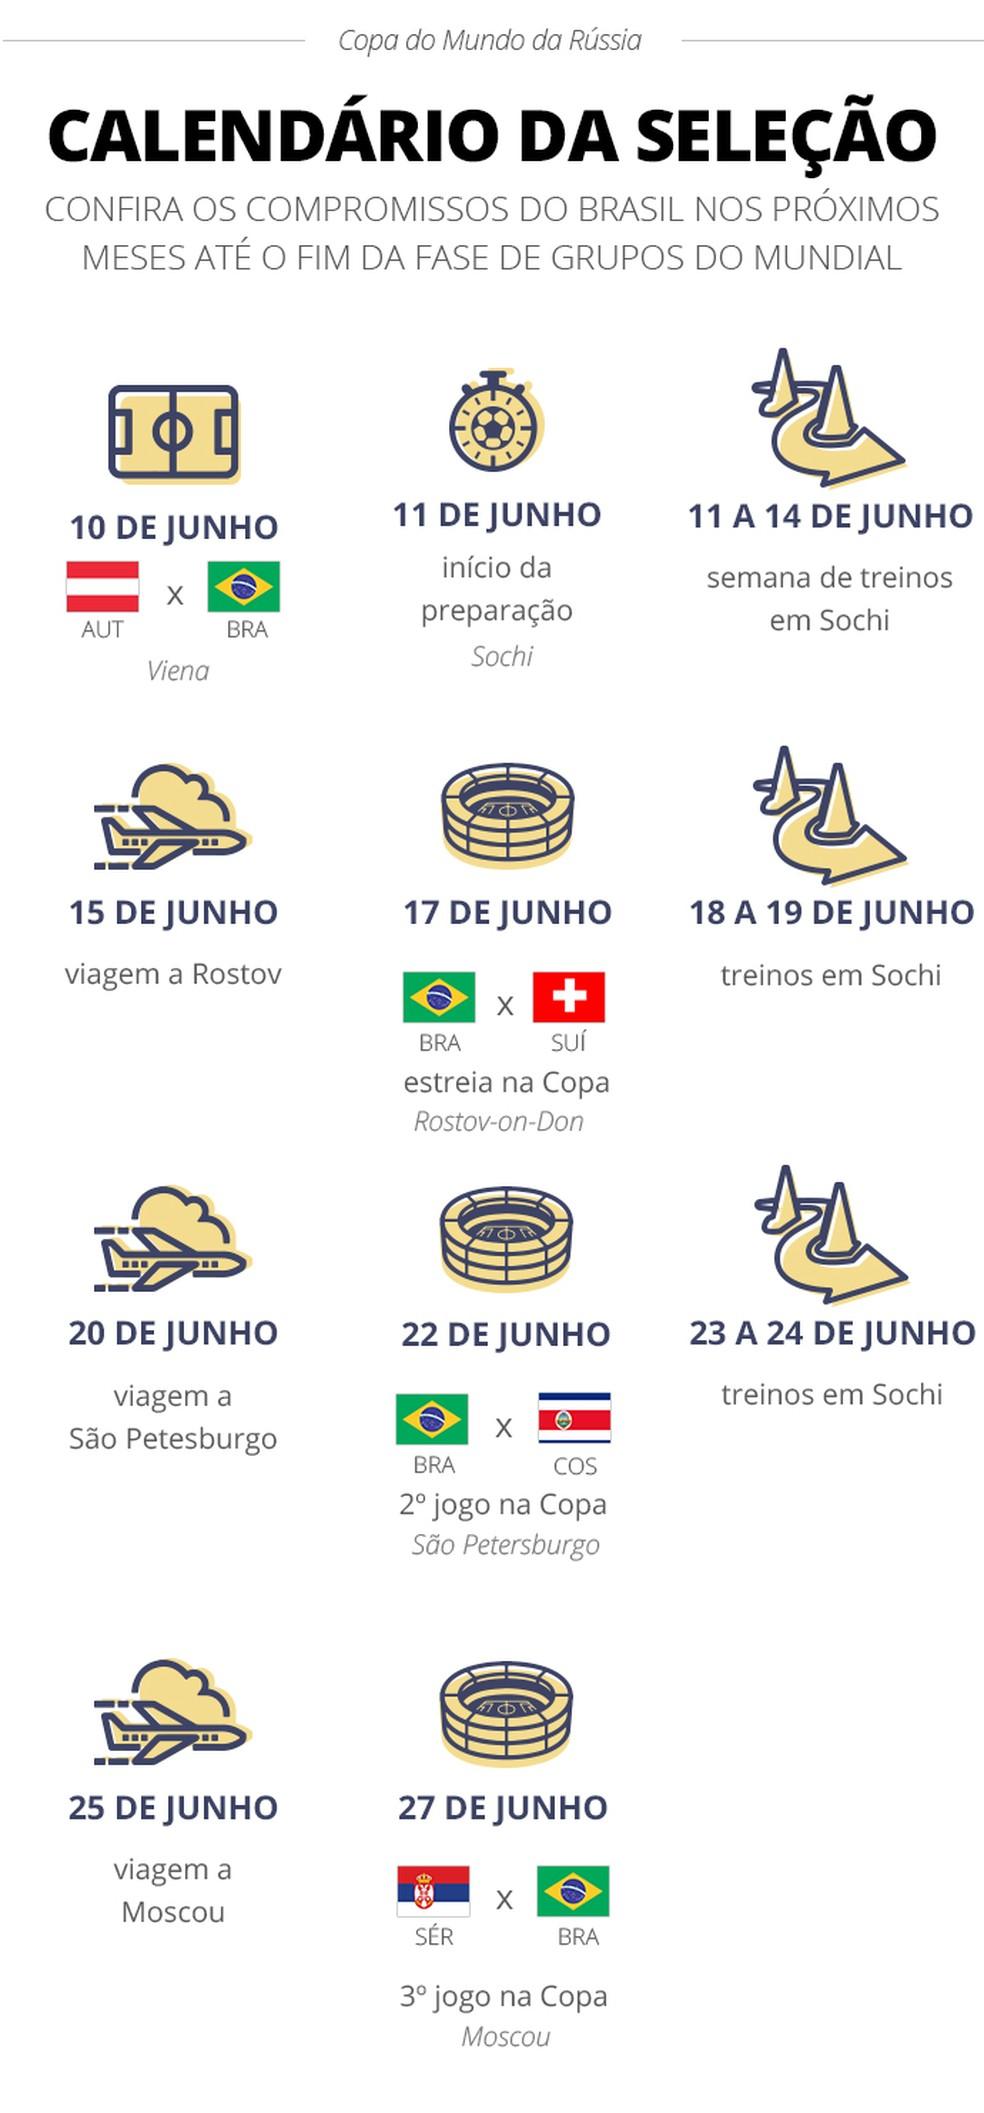 INFO CALENDÁRIO DA SELEÇÃO (Foto: Infografia)